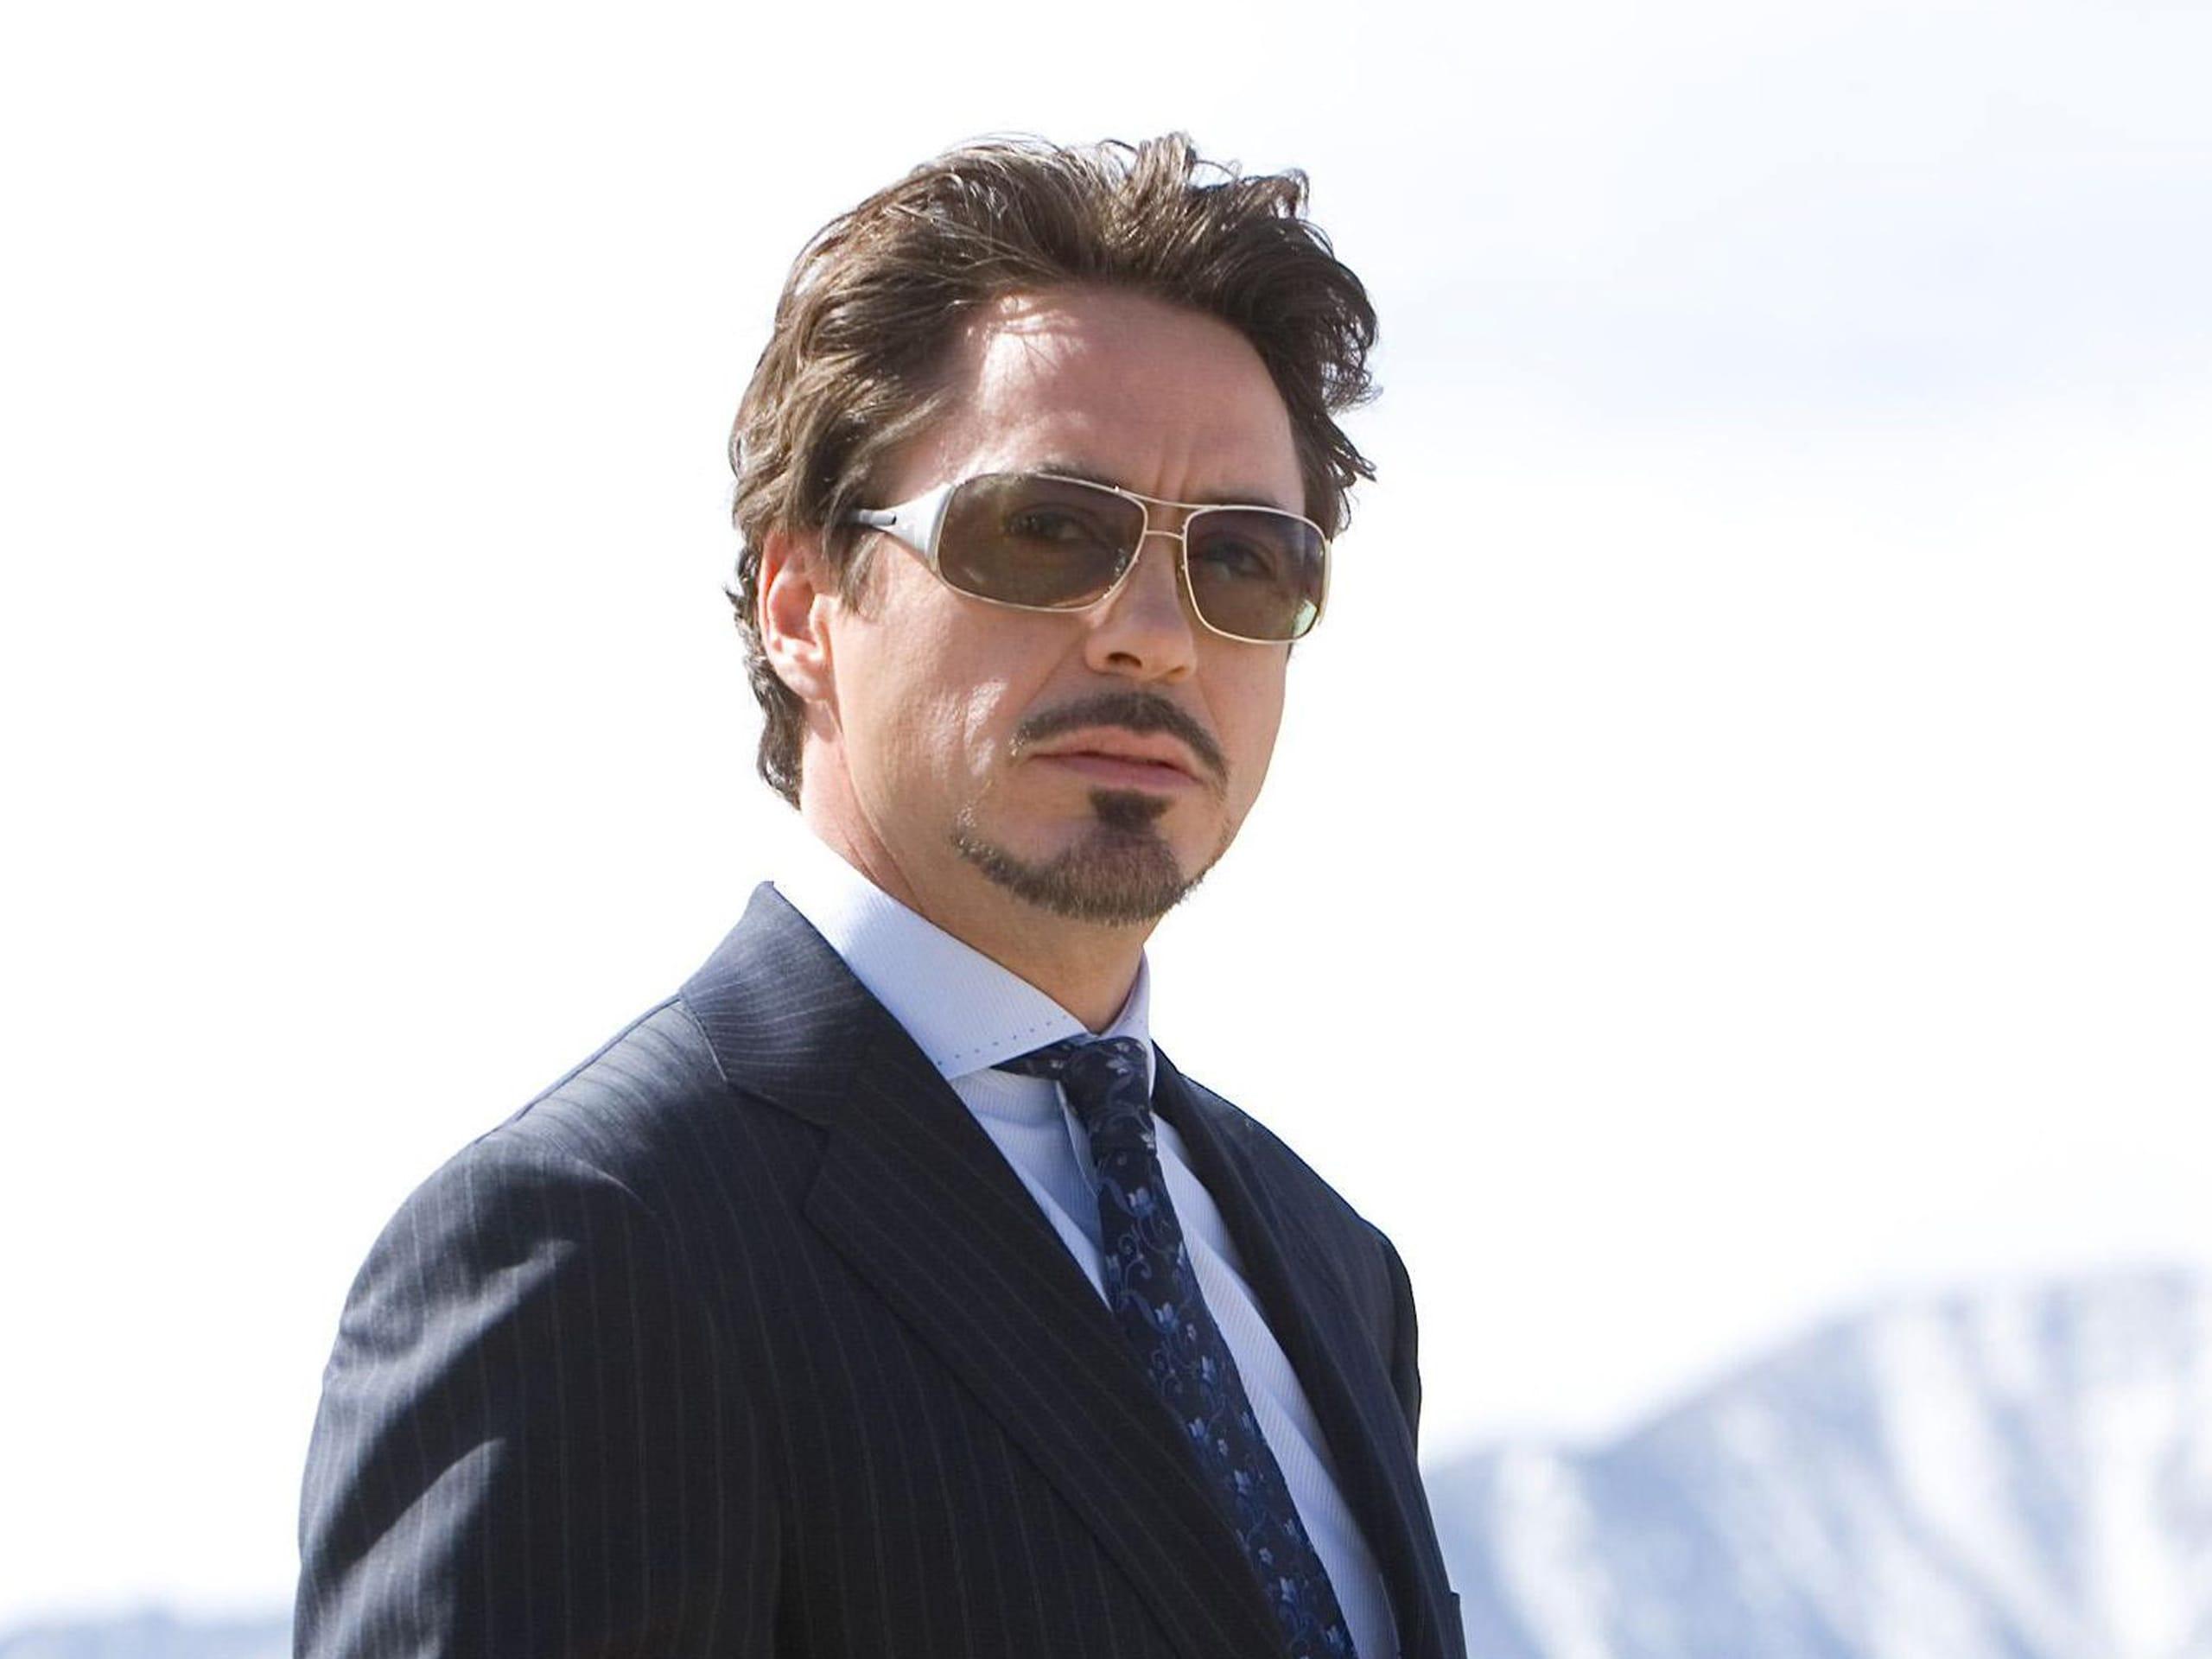 Robert Downey, Jr. Wide wallpapers